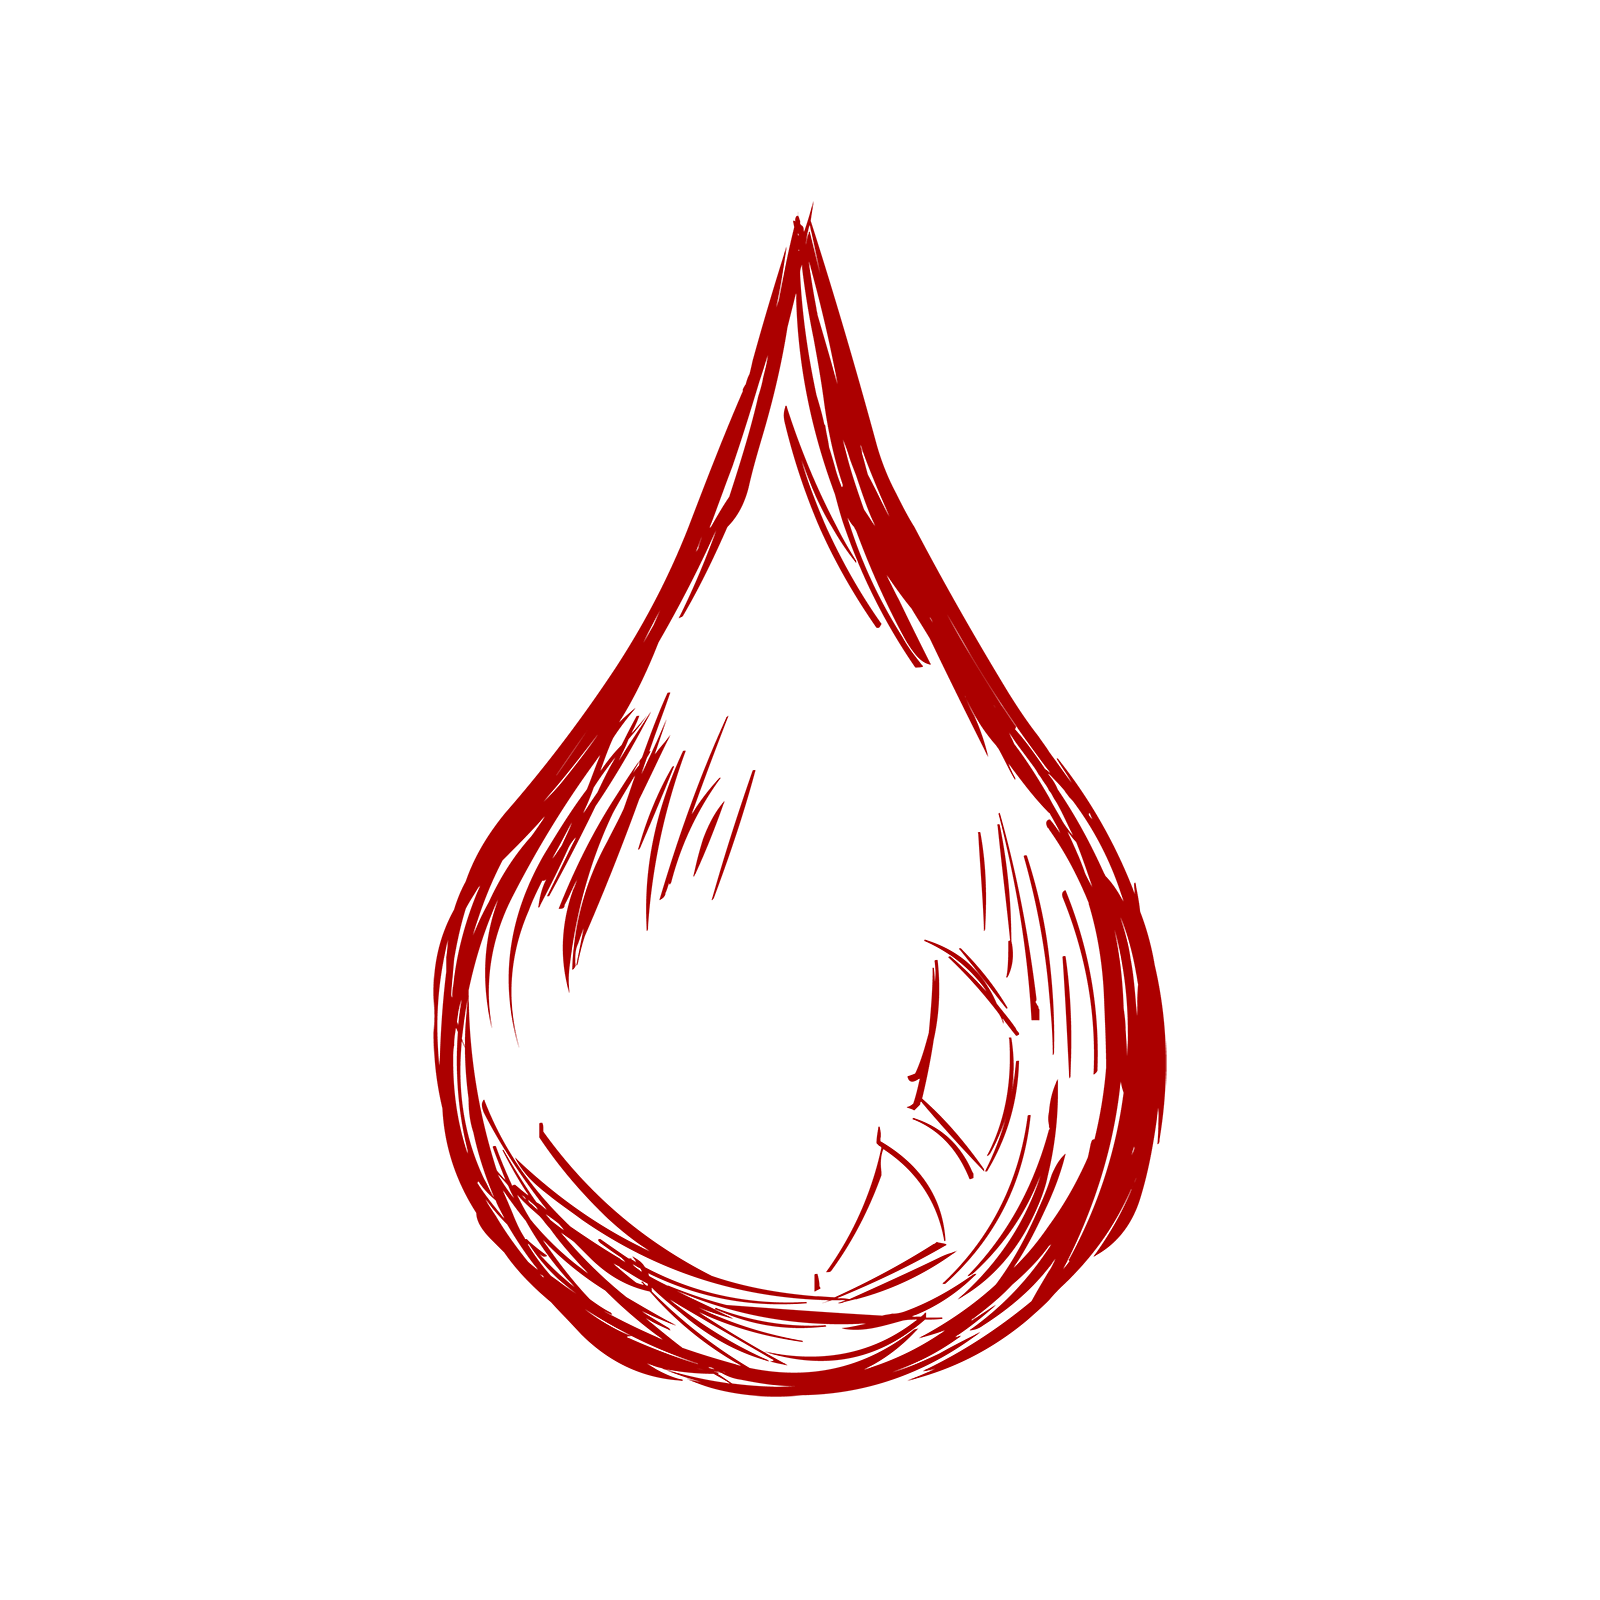 PSwDB Macbeth 2020 icon tear